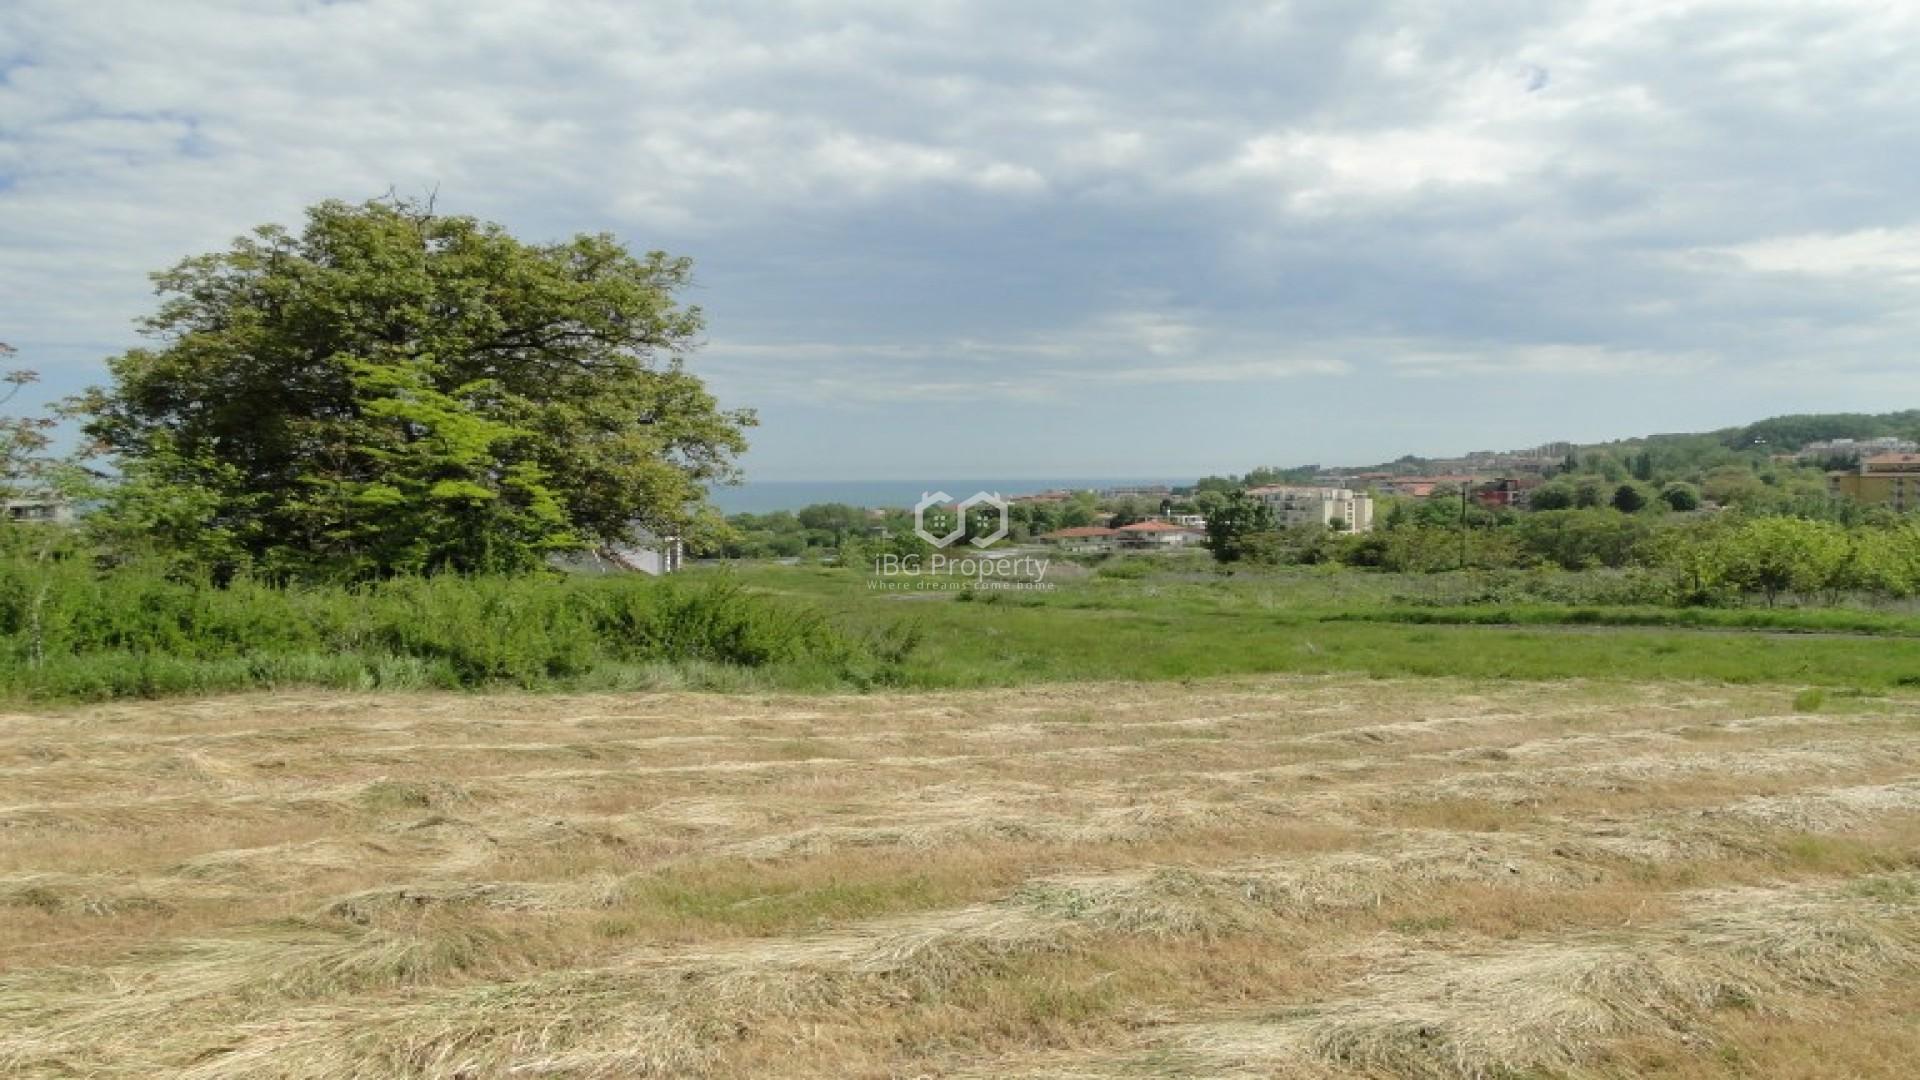 EXKLUSIVES ANGEBOT! Grundstück in Bjala 1032 m2